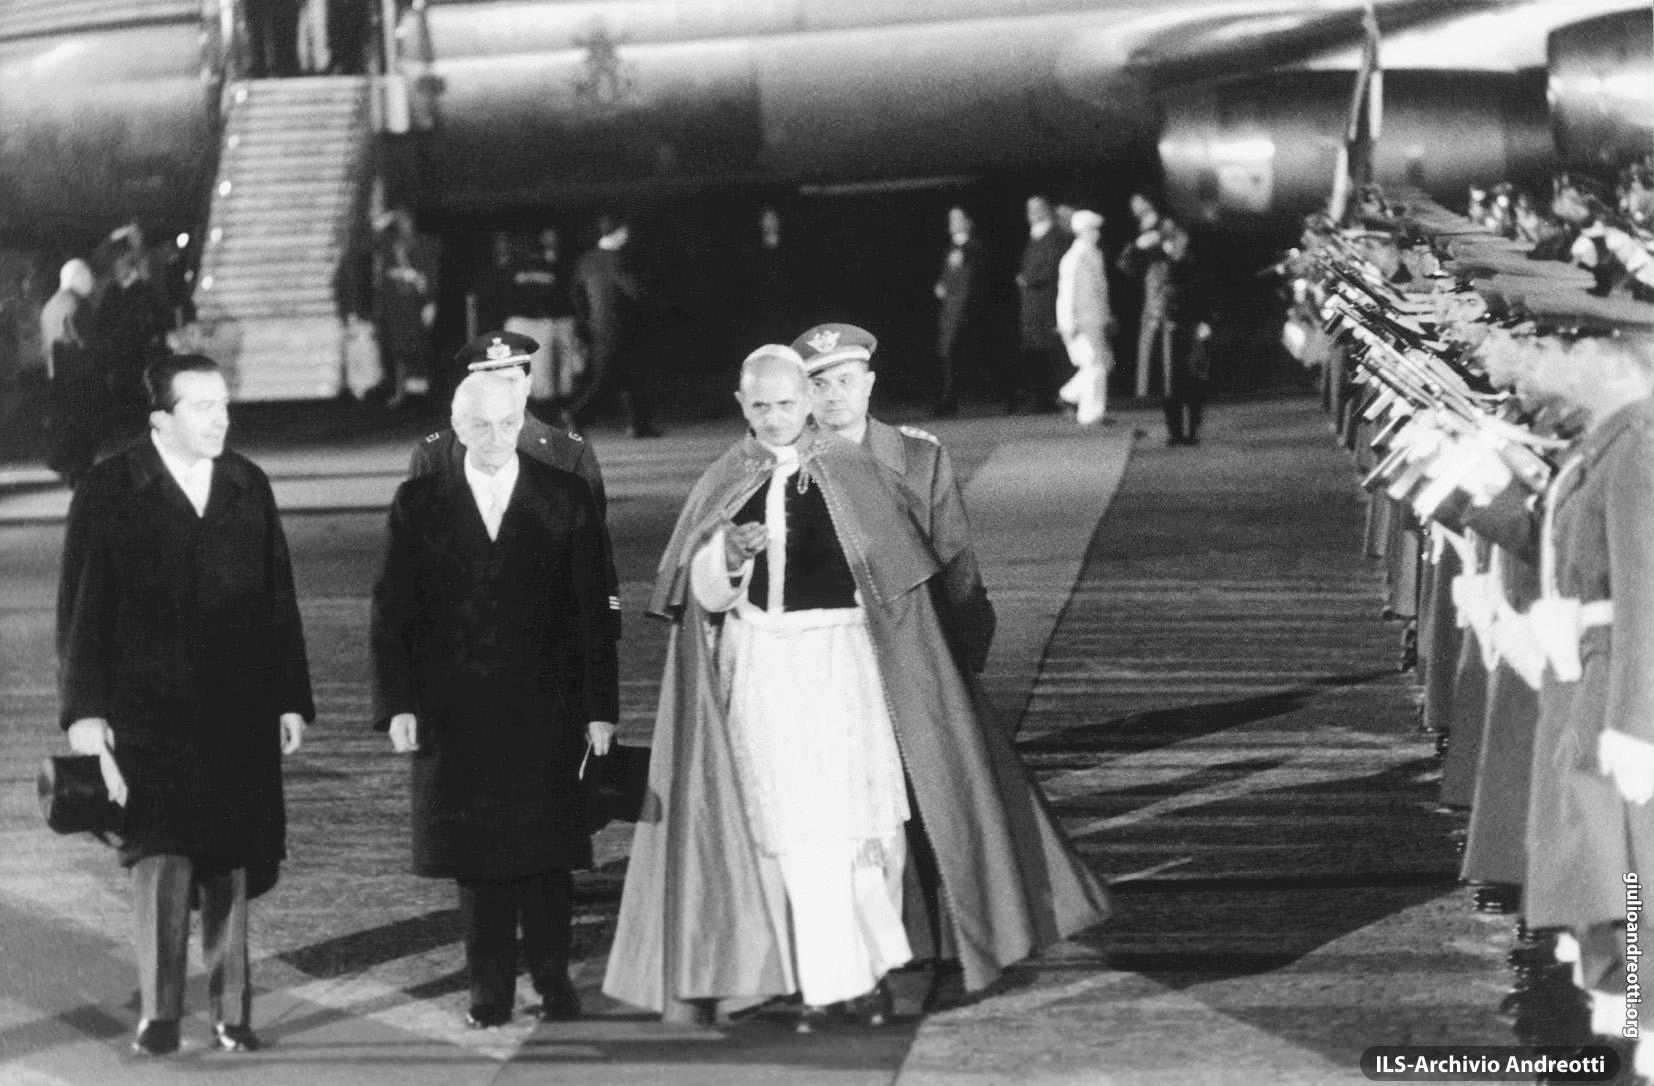 6 gennaio 1964. Giulio Andreotti accoglie insieme al Presidente della Repubblica Antonio Segni, il Papa Paolo VI di ritorno dal pellegrinaggio in Terra Santa (foto Osservatore Romano)